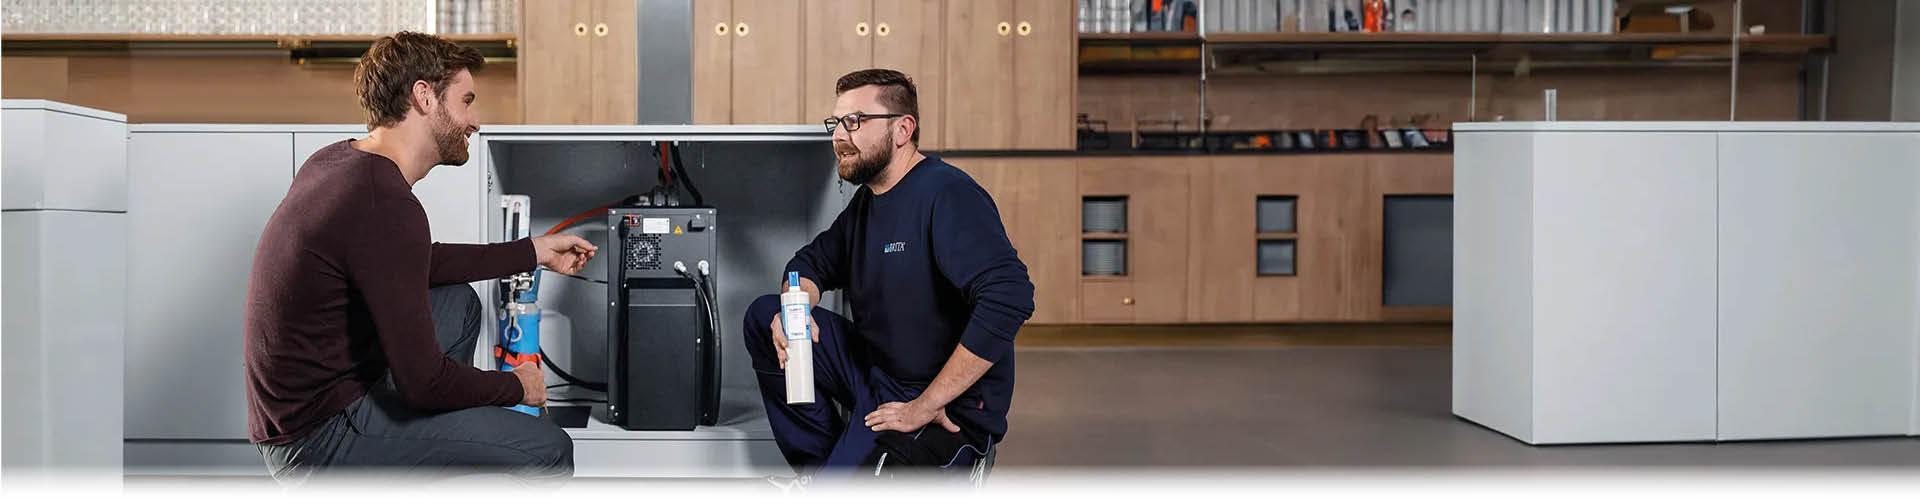 Duurzaam onderhoud en service voor waterdispenser